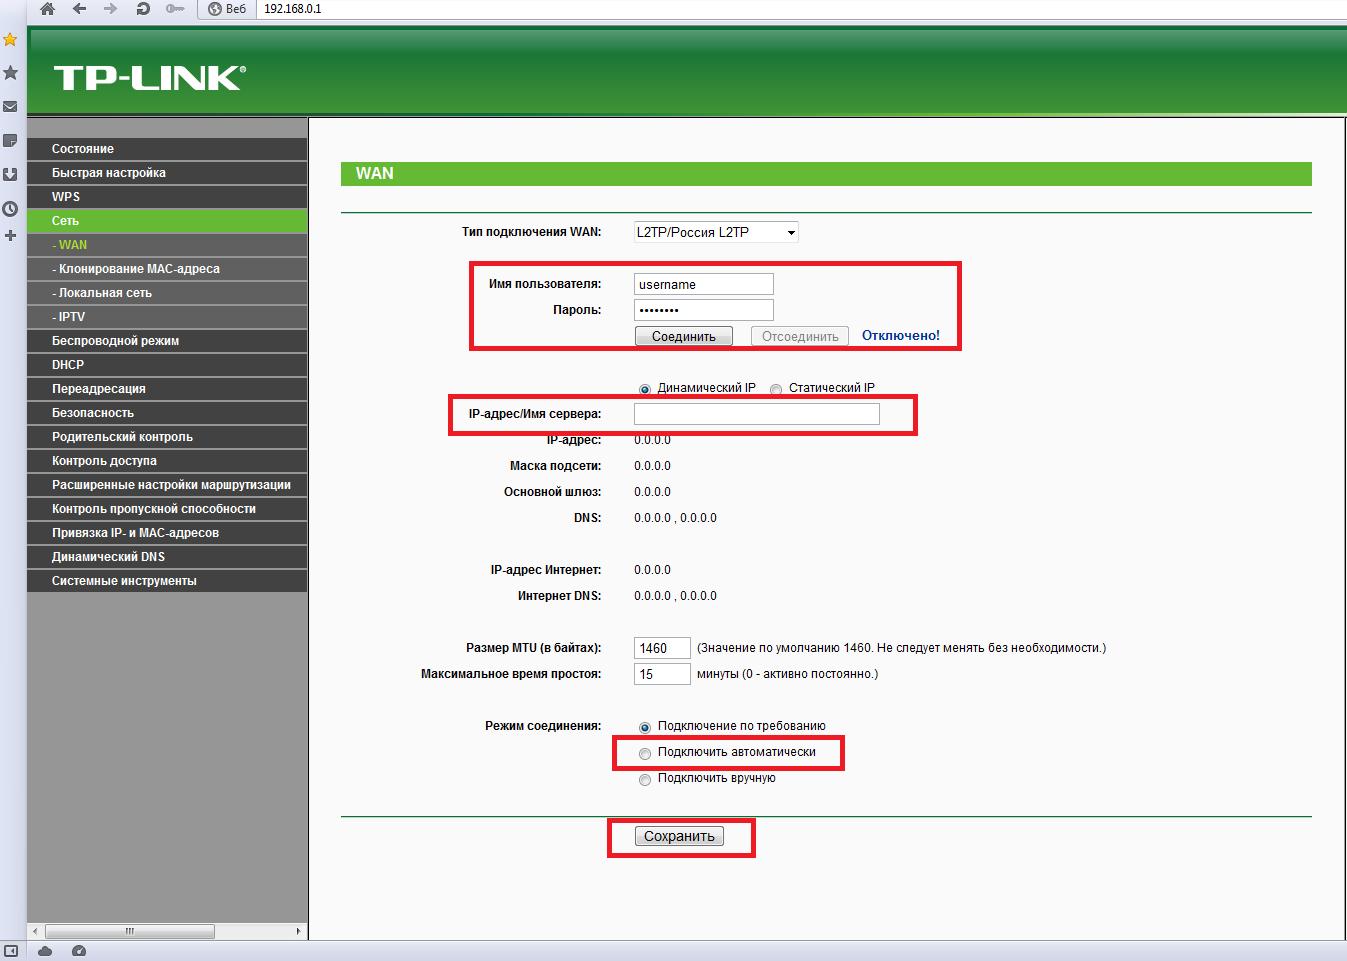 nastroika tp link tl wr740n-Состояние-L2TP